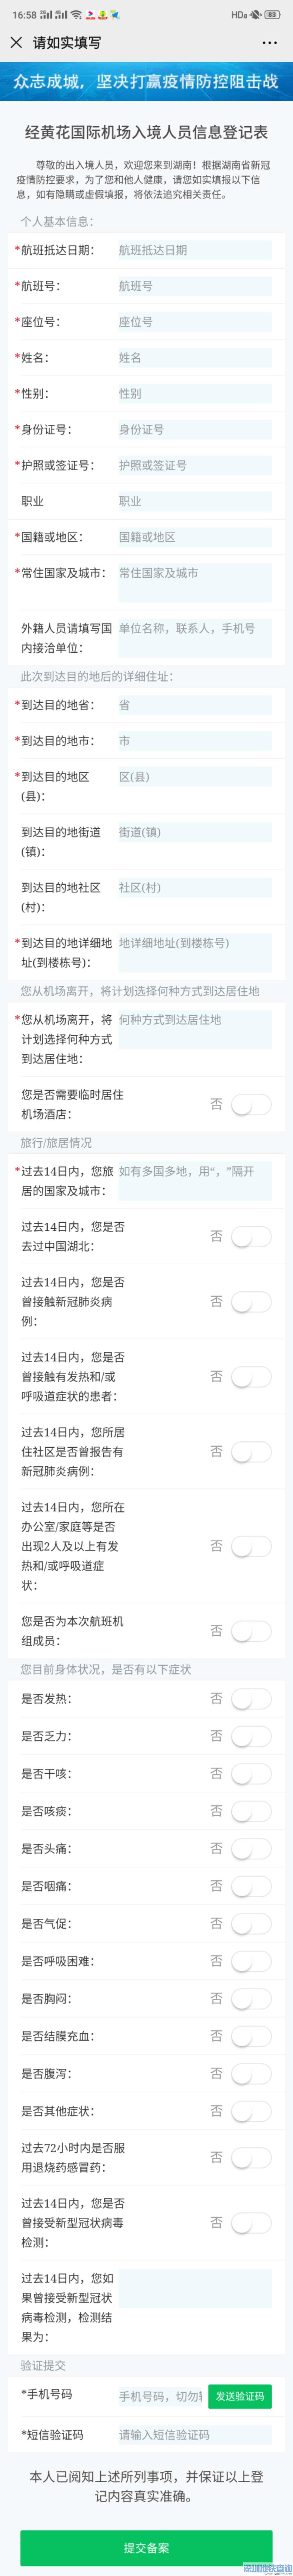 长沙黄花机场疫情期间入境人员信息登记指南